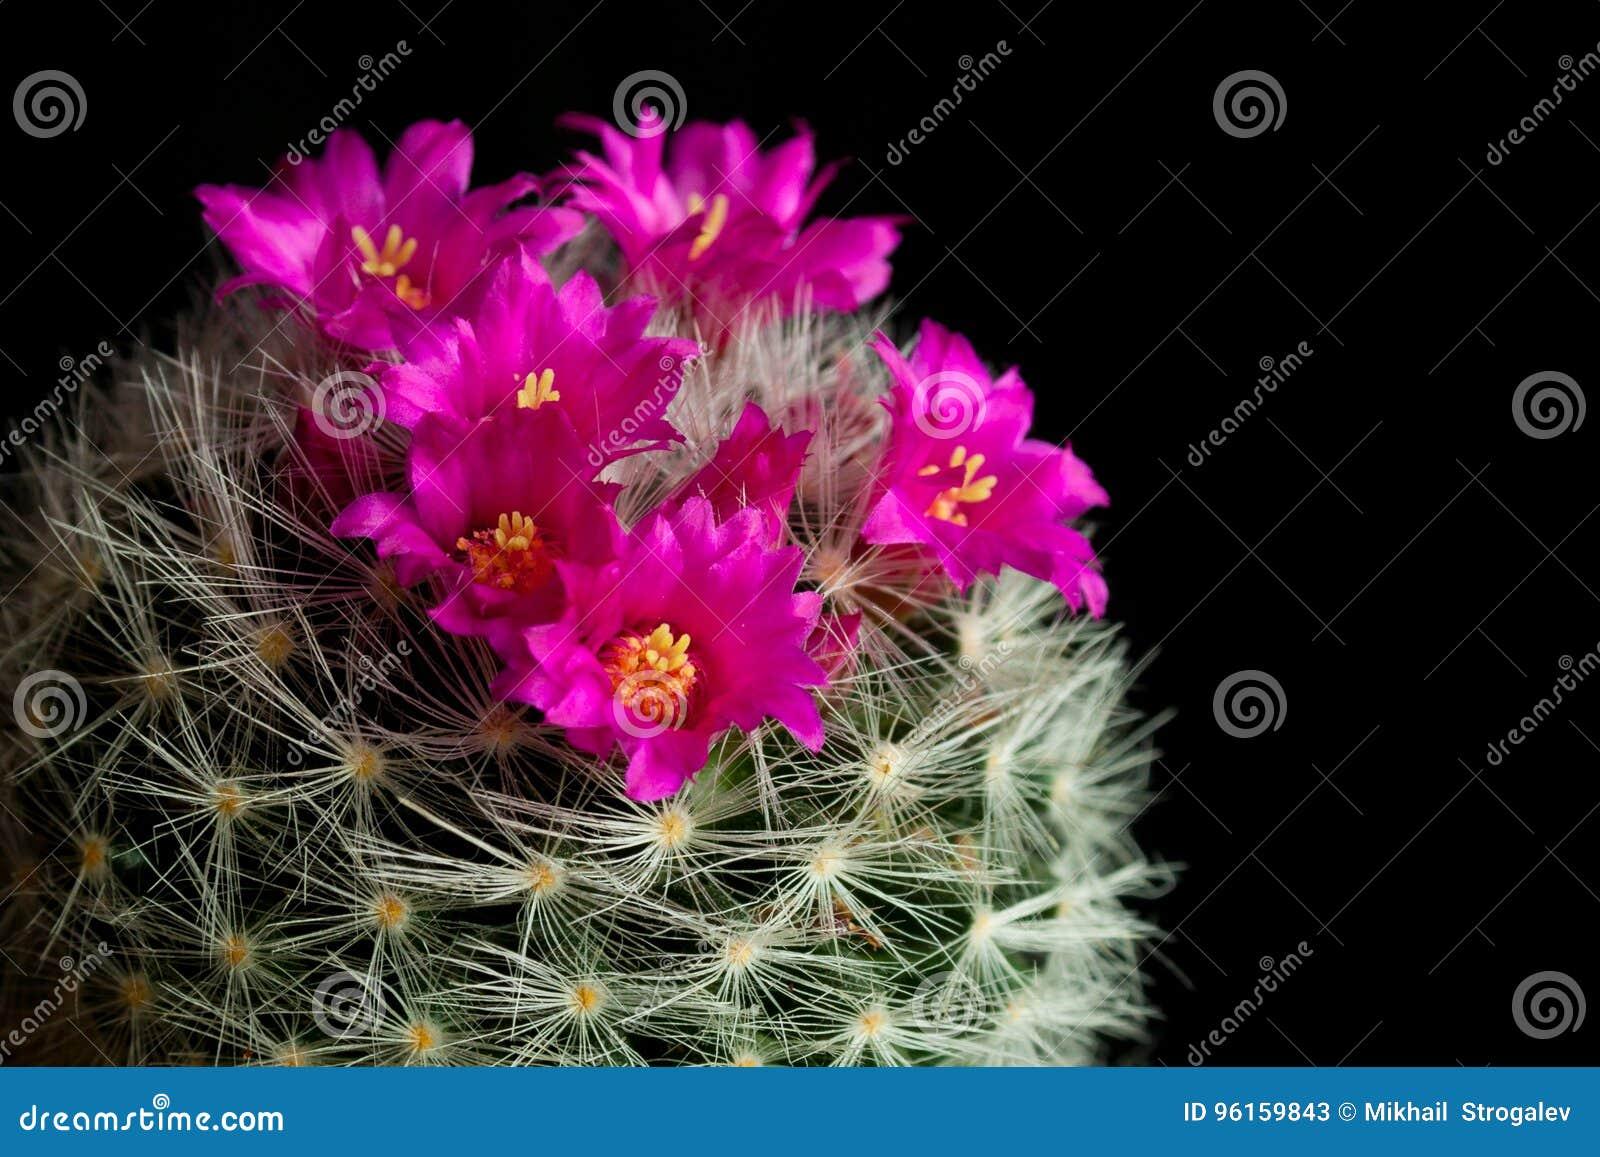 Pink Flower Of Cactus Mammillaria Stock Image Image Of Gardening